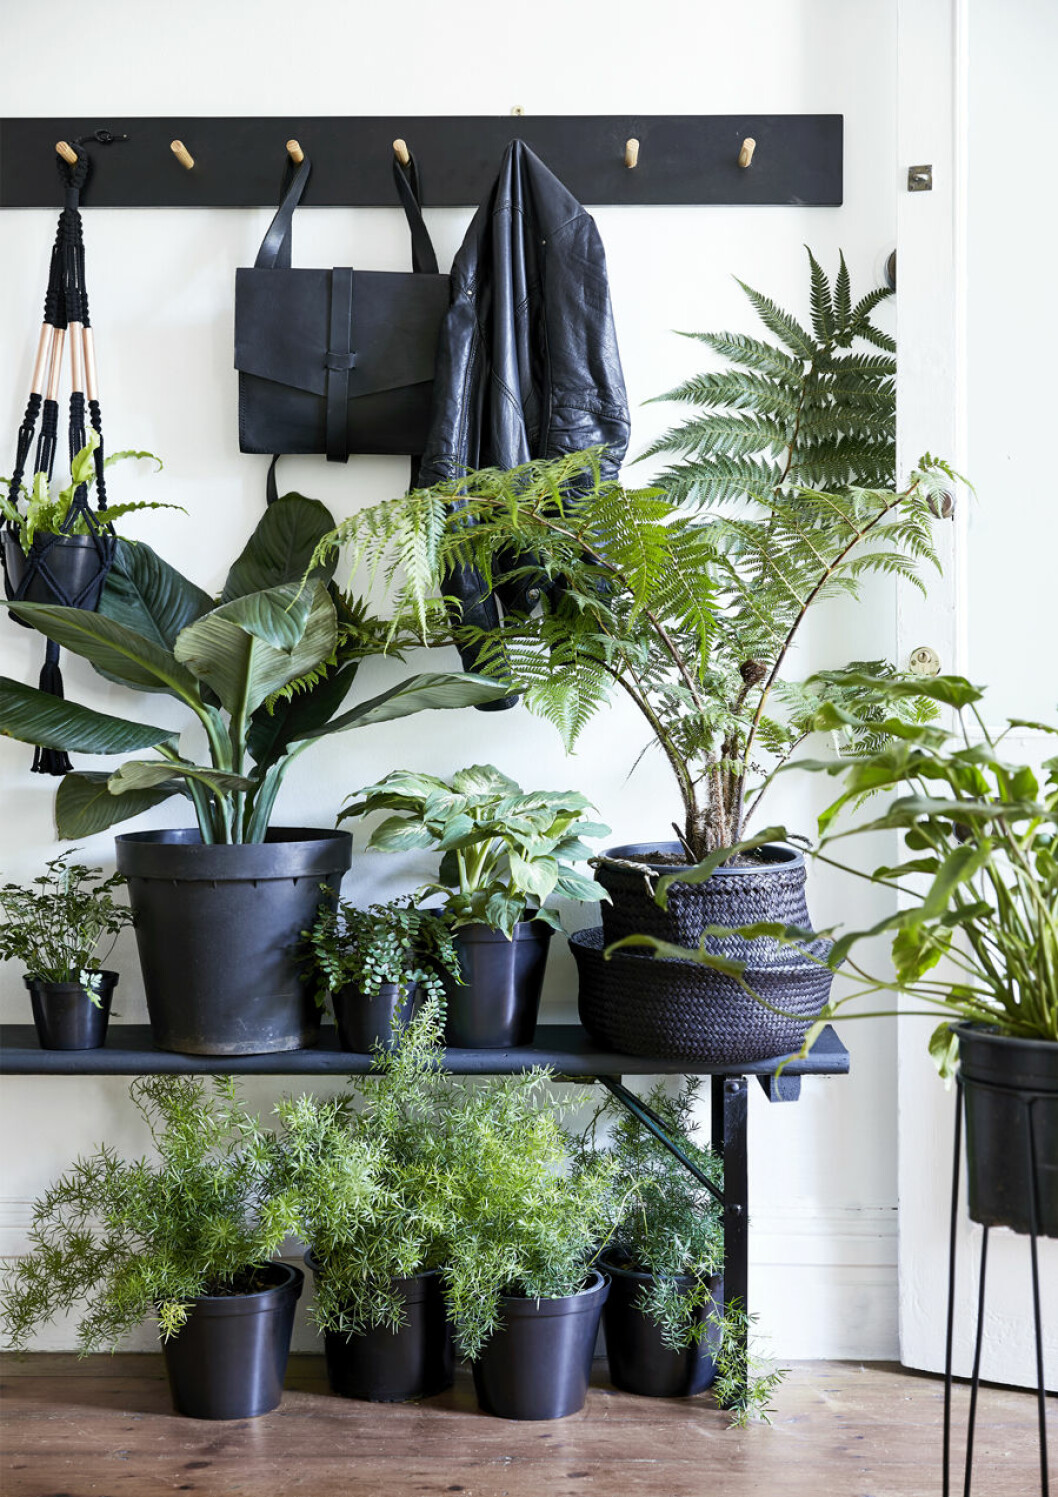 Växter i olika storlek och utförande i hallen, både på golvet och bänken